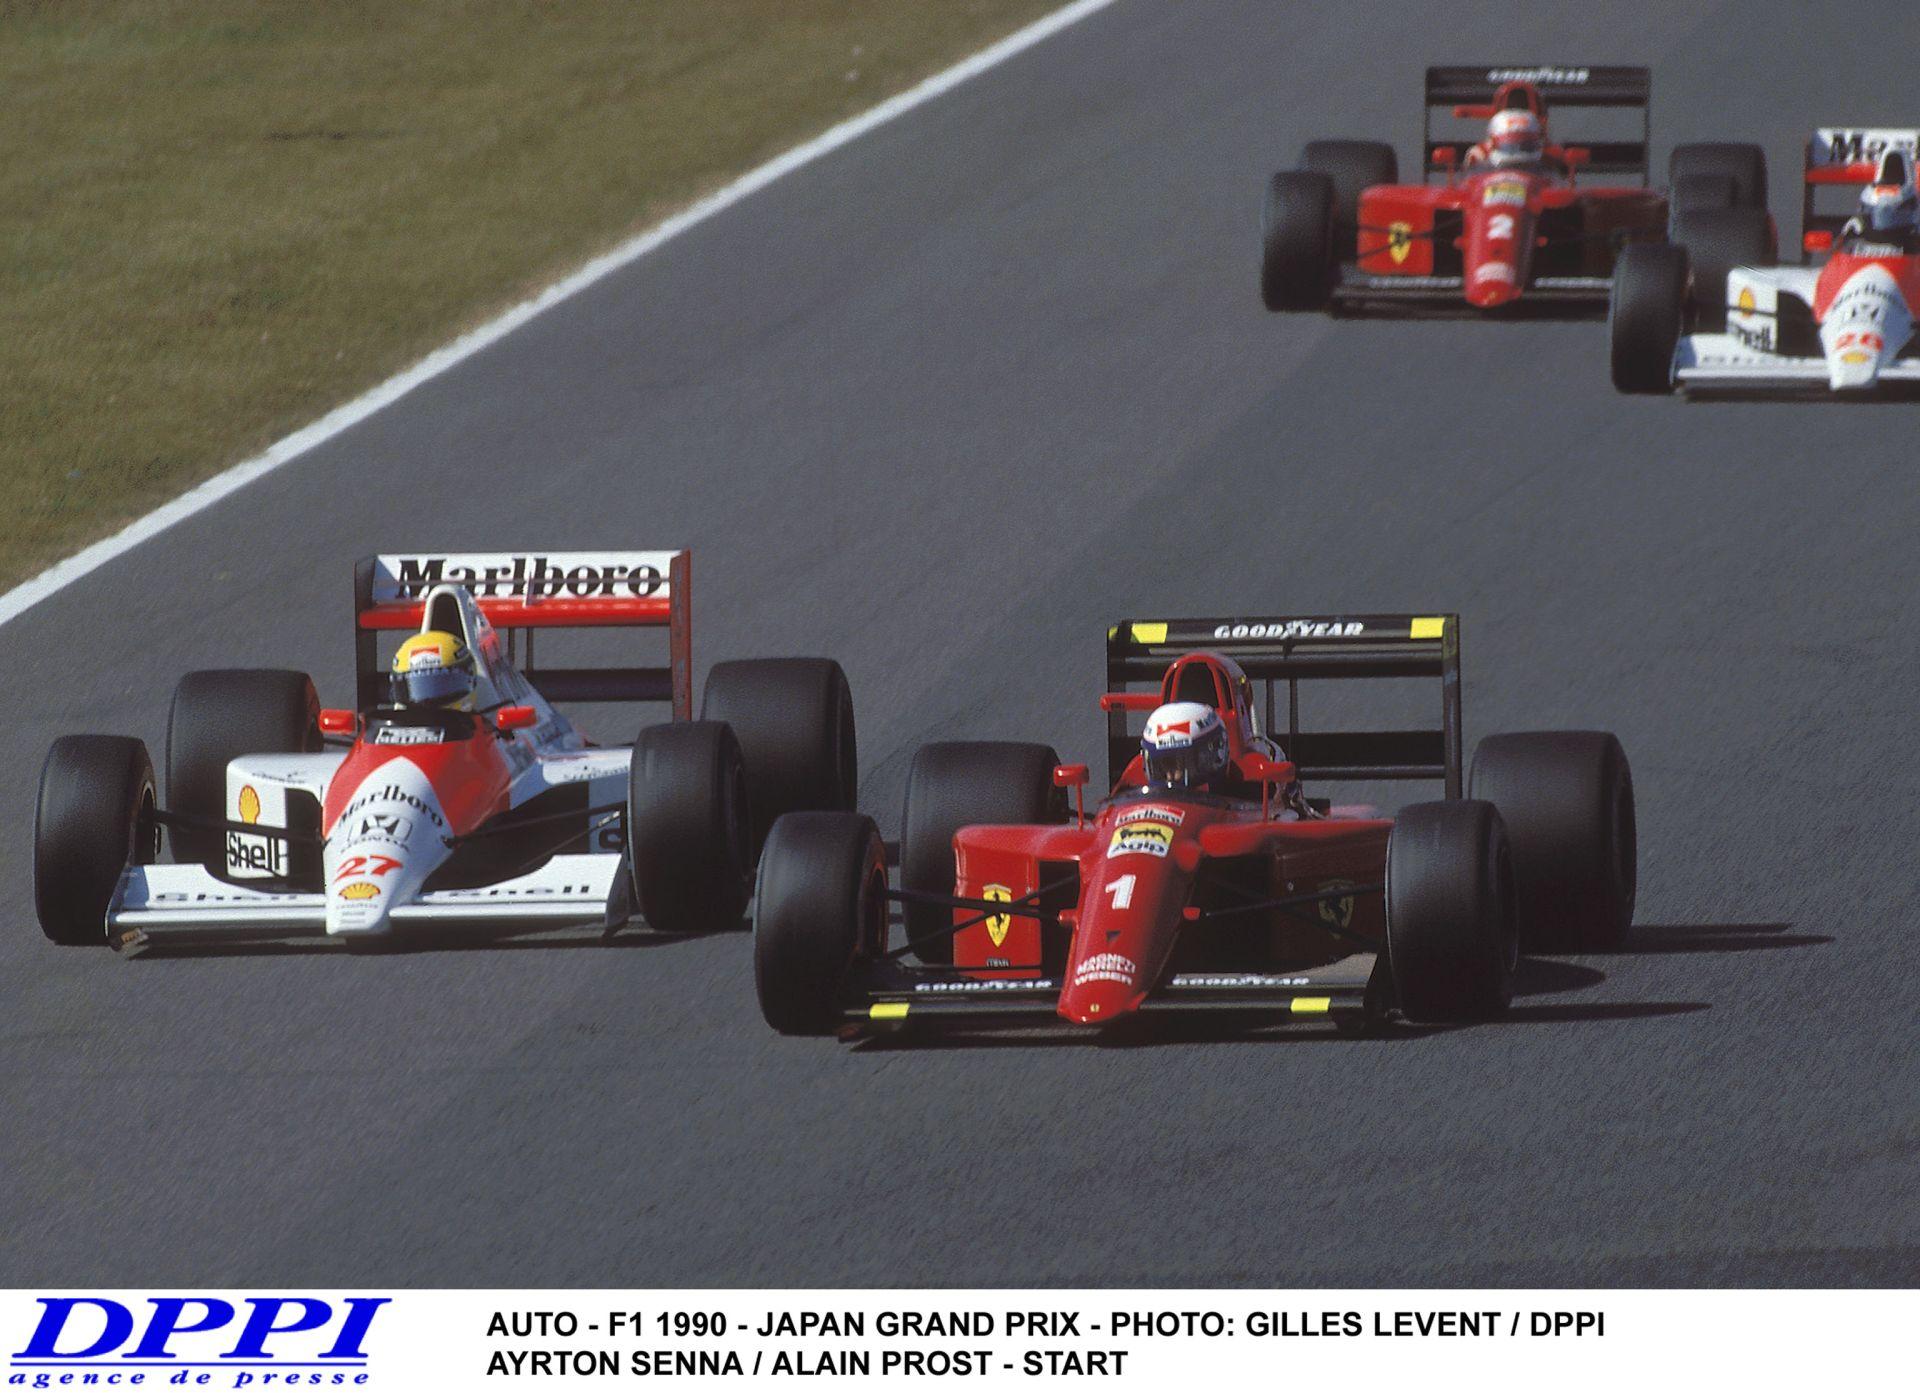 Ayrton Senna és Alain Prost újabb legendás ütközése – 1990, Japán